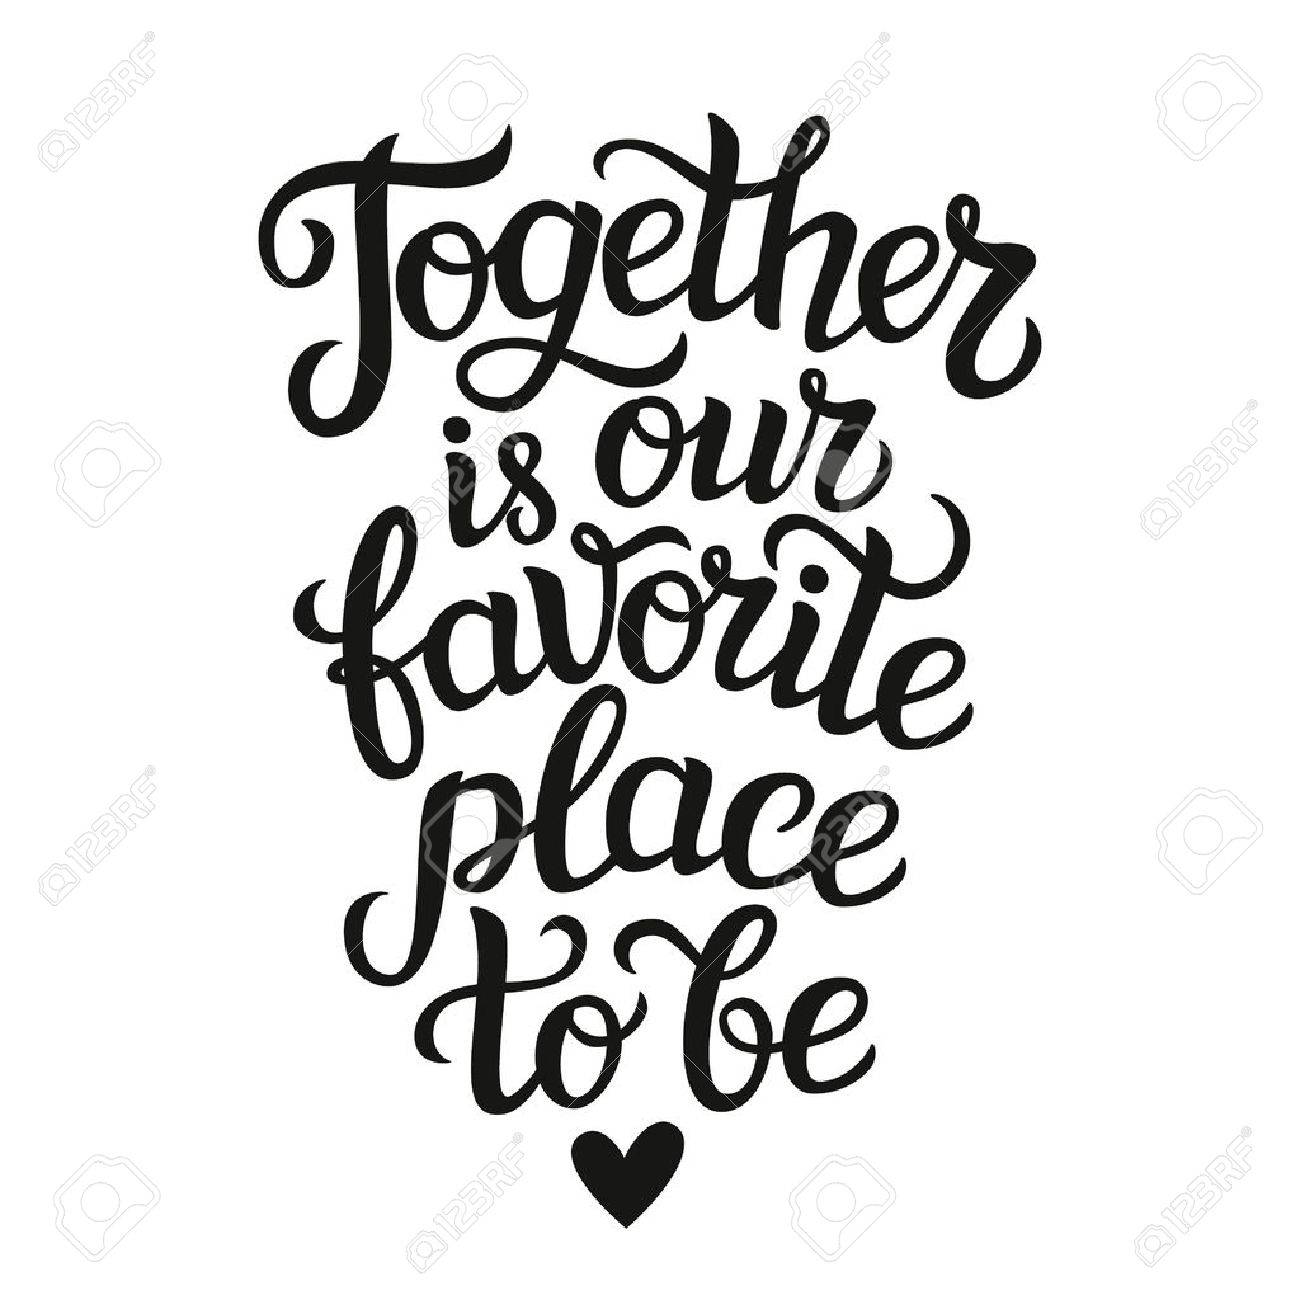 Affiche De Typographie De Lettrage Citation Romantique Ensemble Est Notre Endroit Prefere Pour Etre Isole Pour La Conception De Mariage Ou De